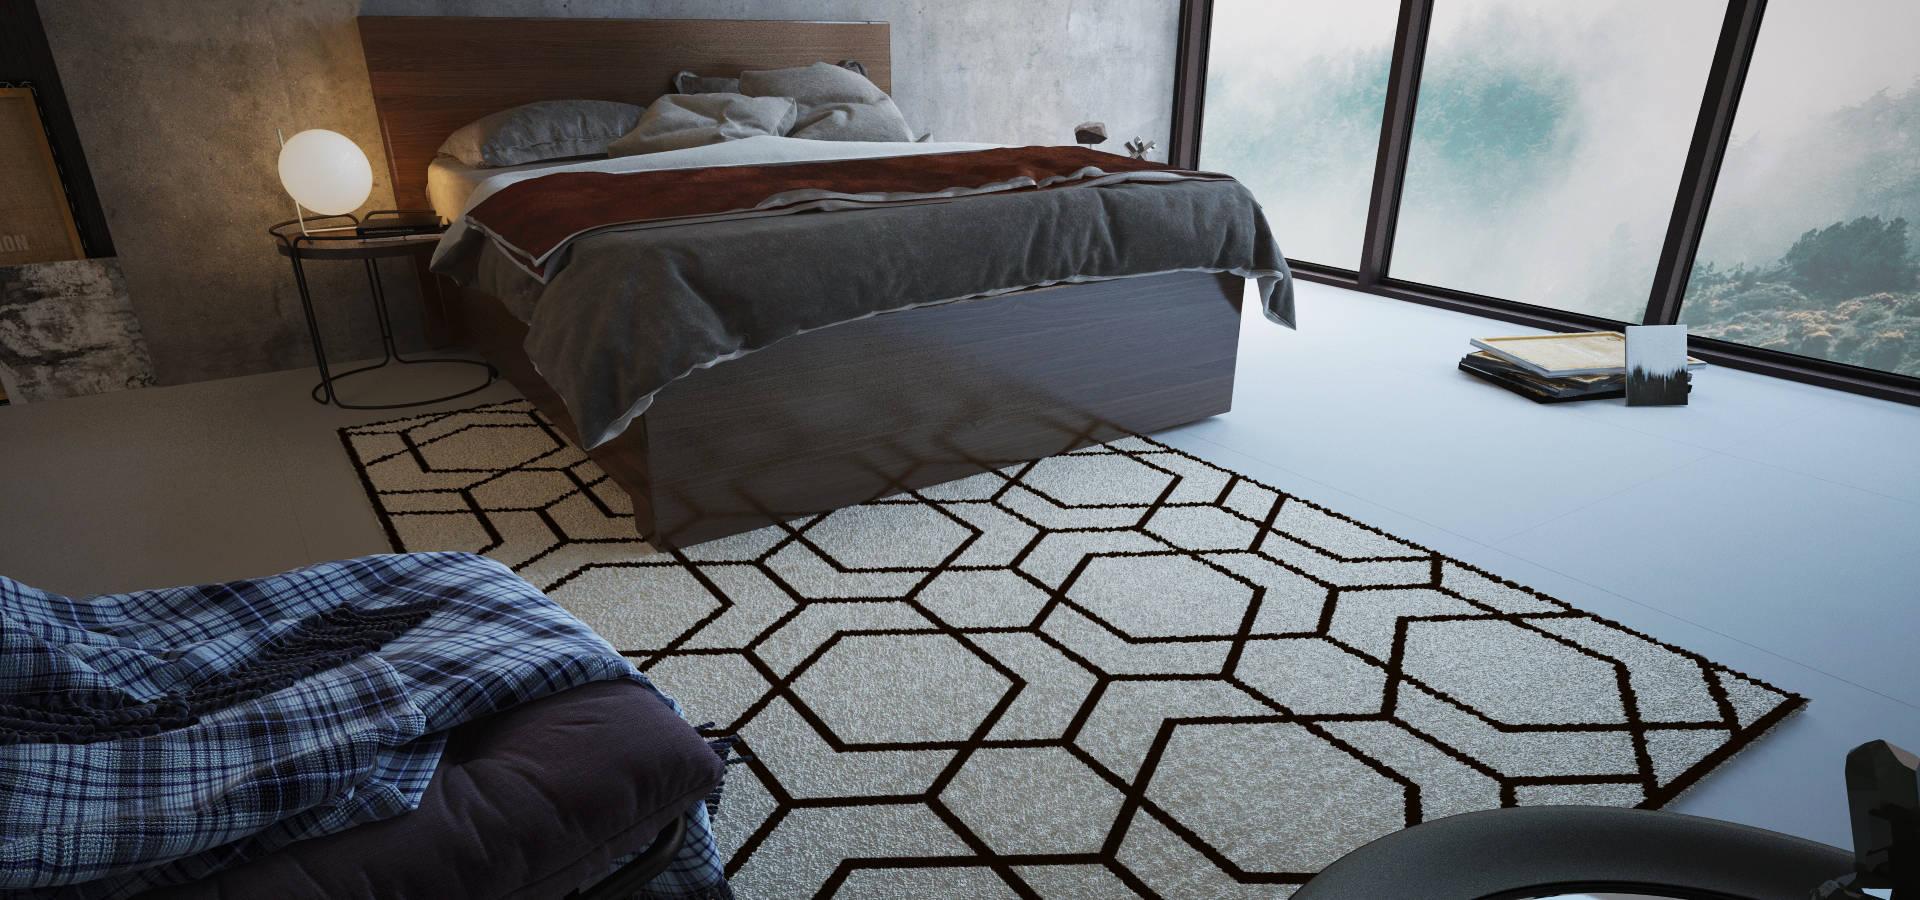 Futa Carpet